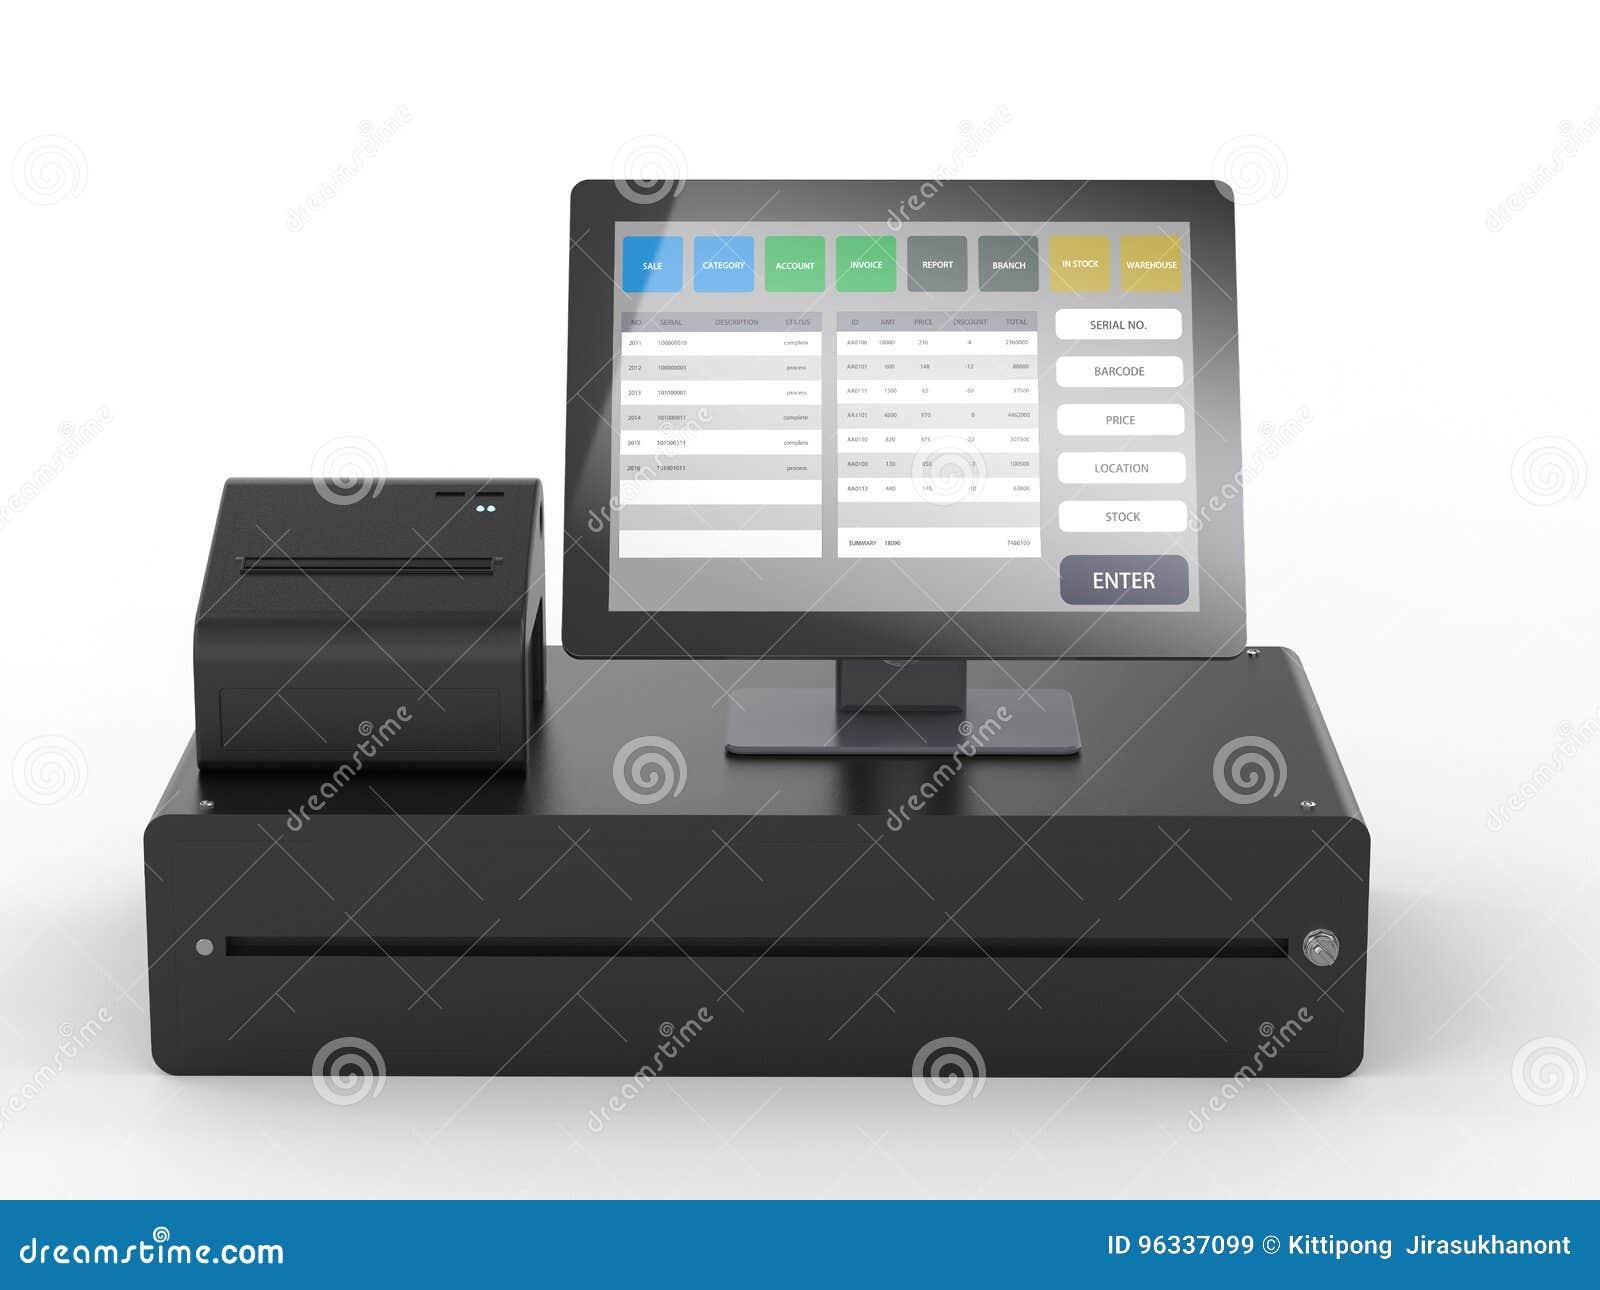 商店管理的销售点系统